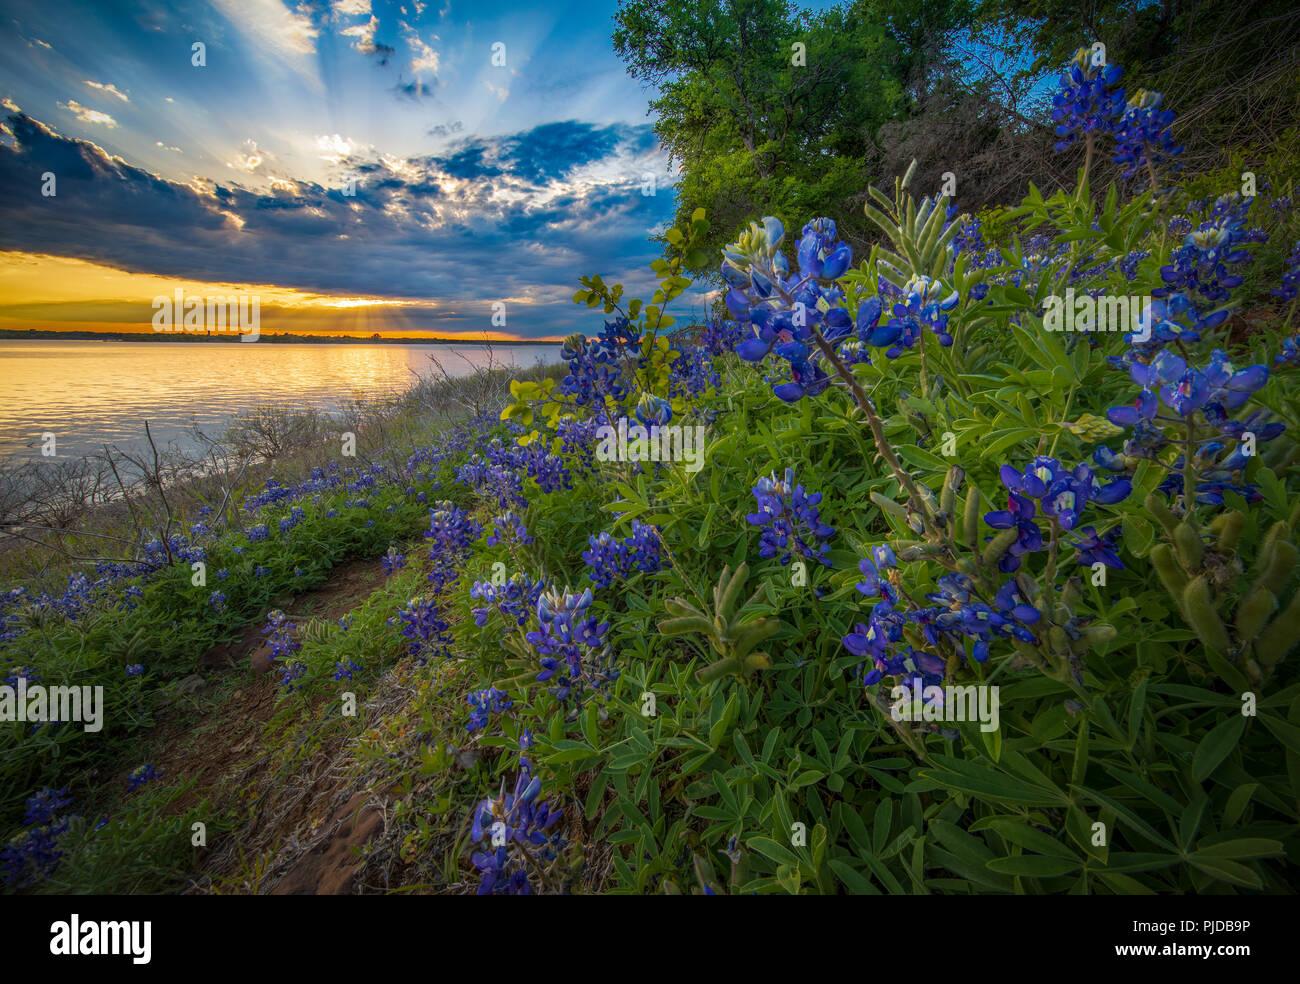 Bluebonnets in Grapevine See im Norden von Texas. Lupinus texensis, die Texas bluebonnet, ist eine Art von Lupine endemisch in Texas. Stockbild